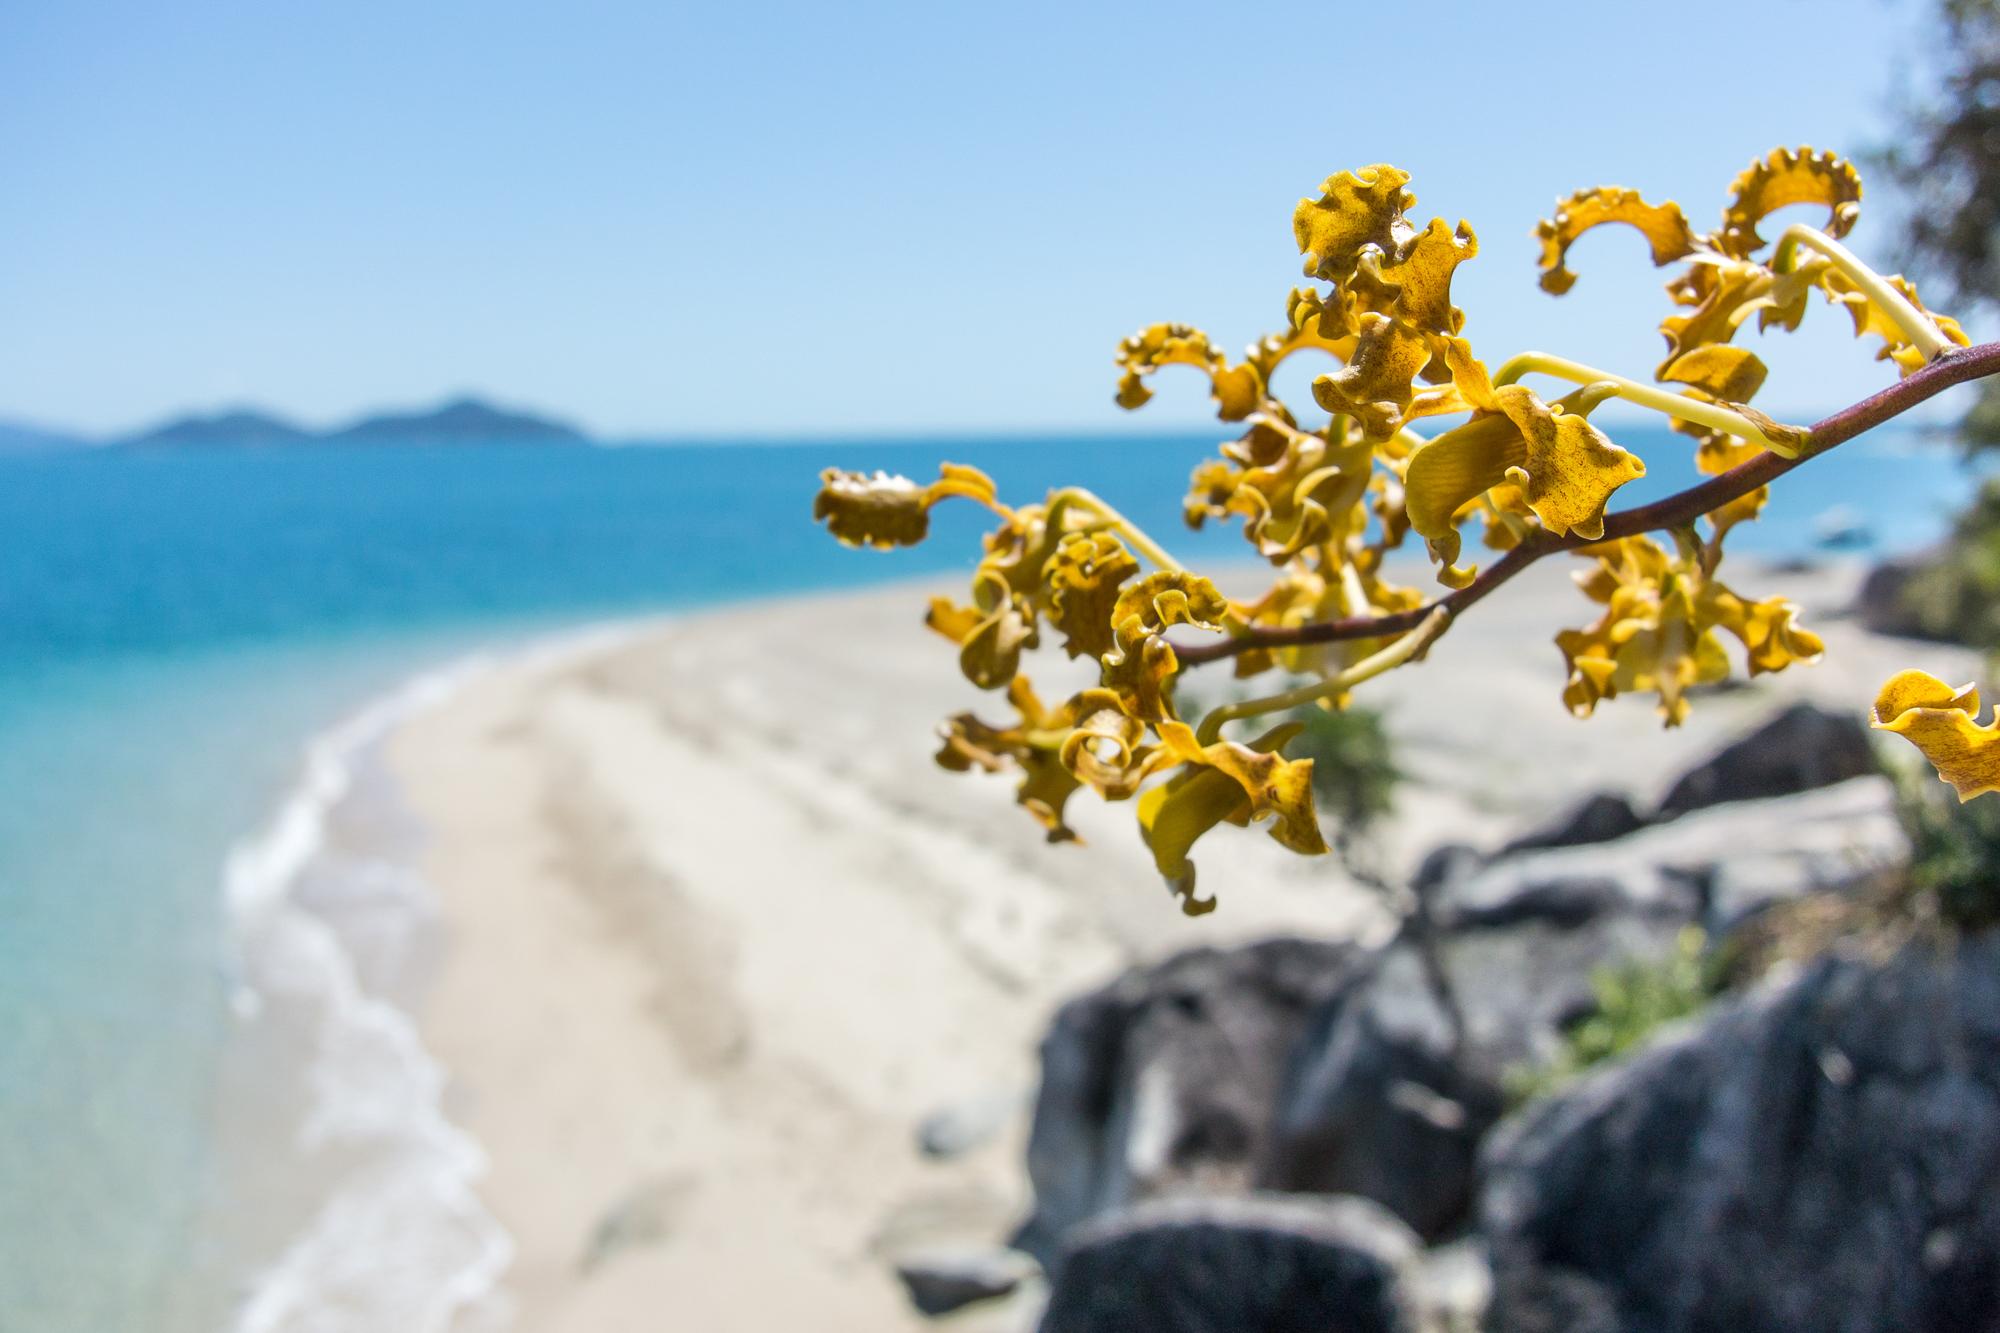 bowden-island-mission-beach-50